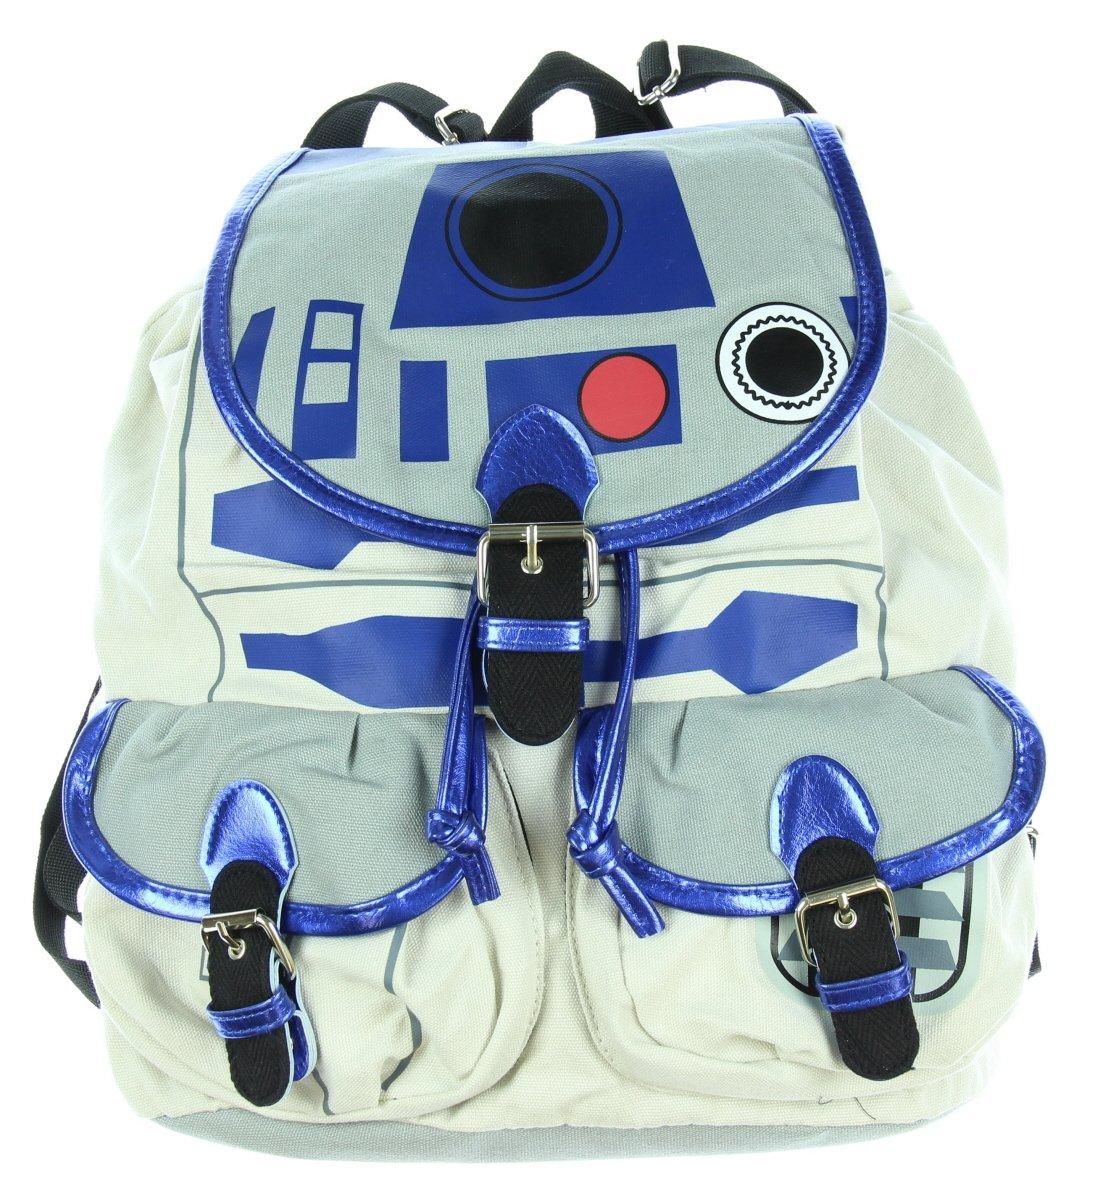 Bioworld Sling Backpack For Kids